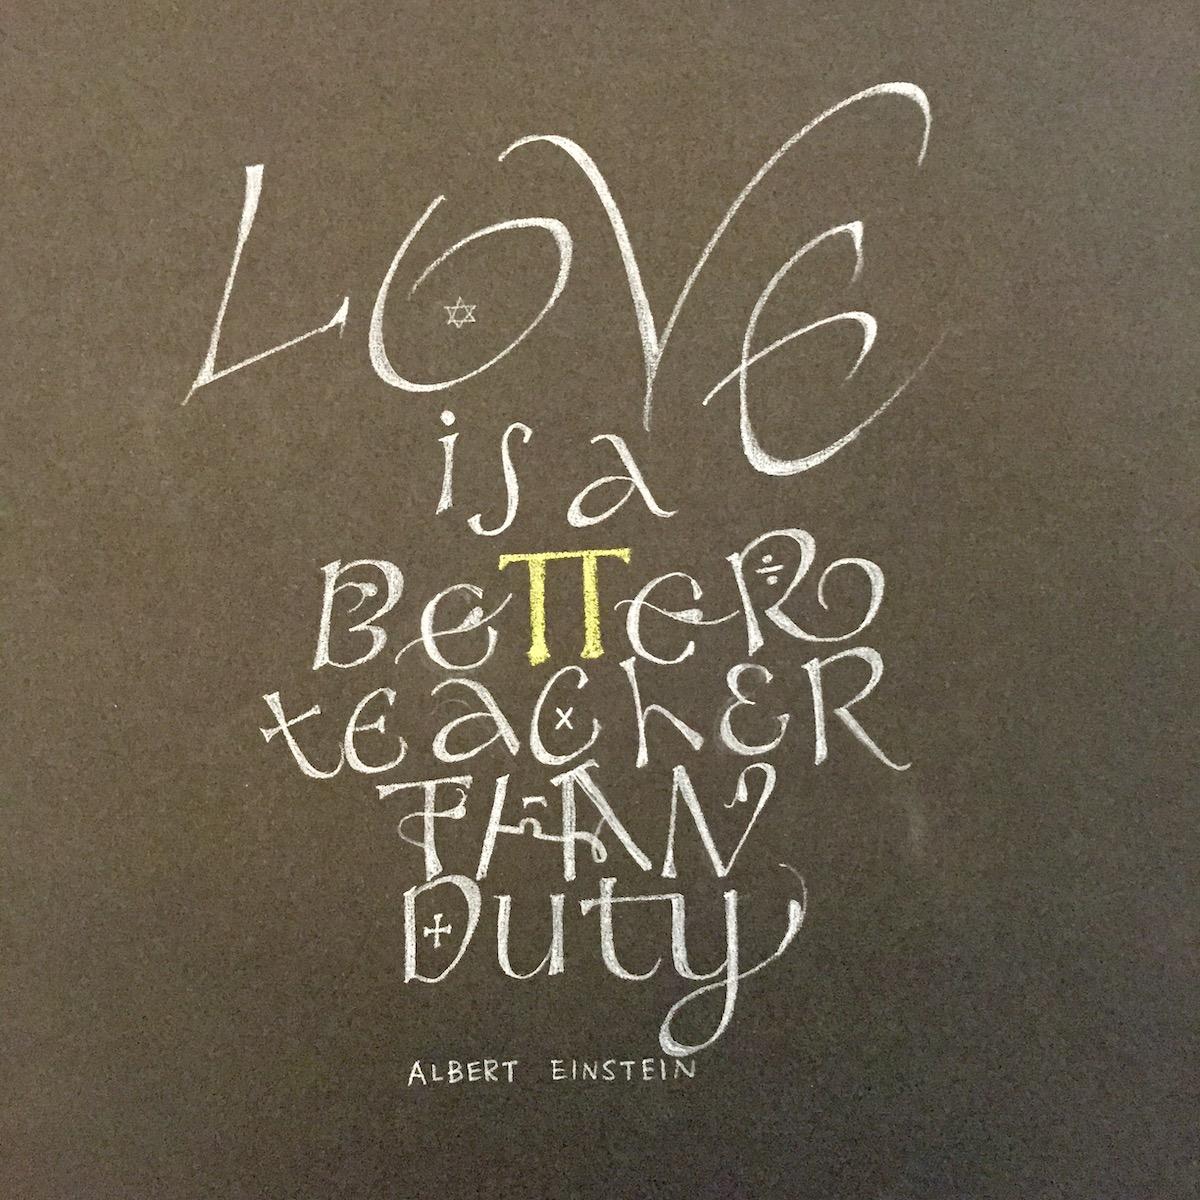 from Einstein's quote